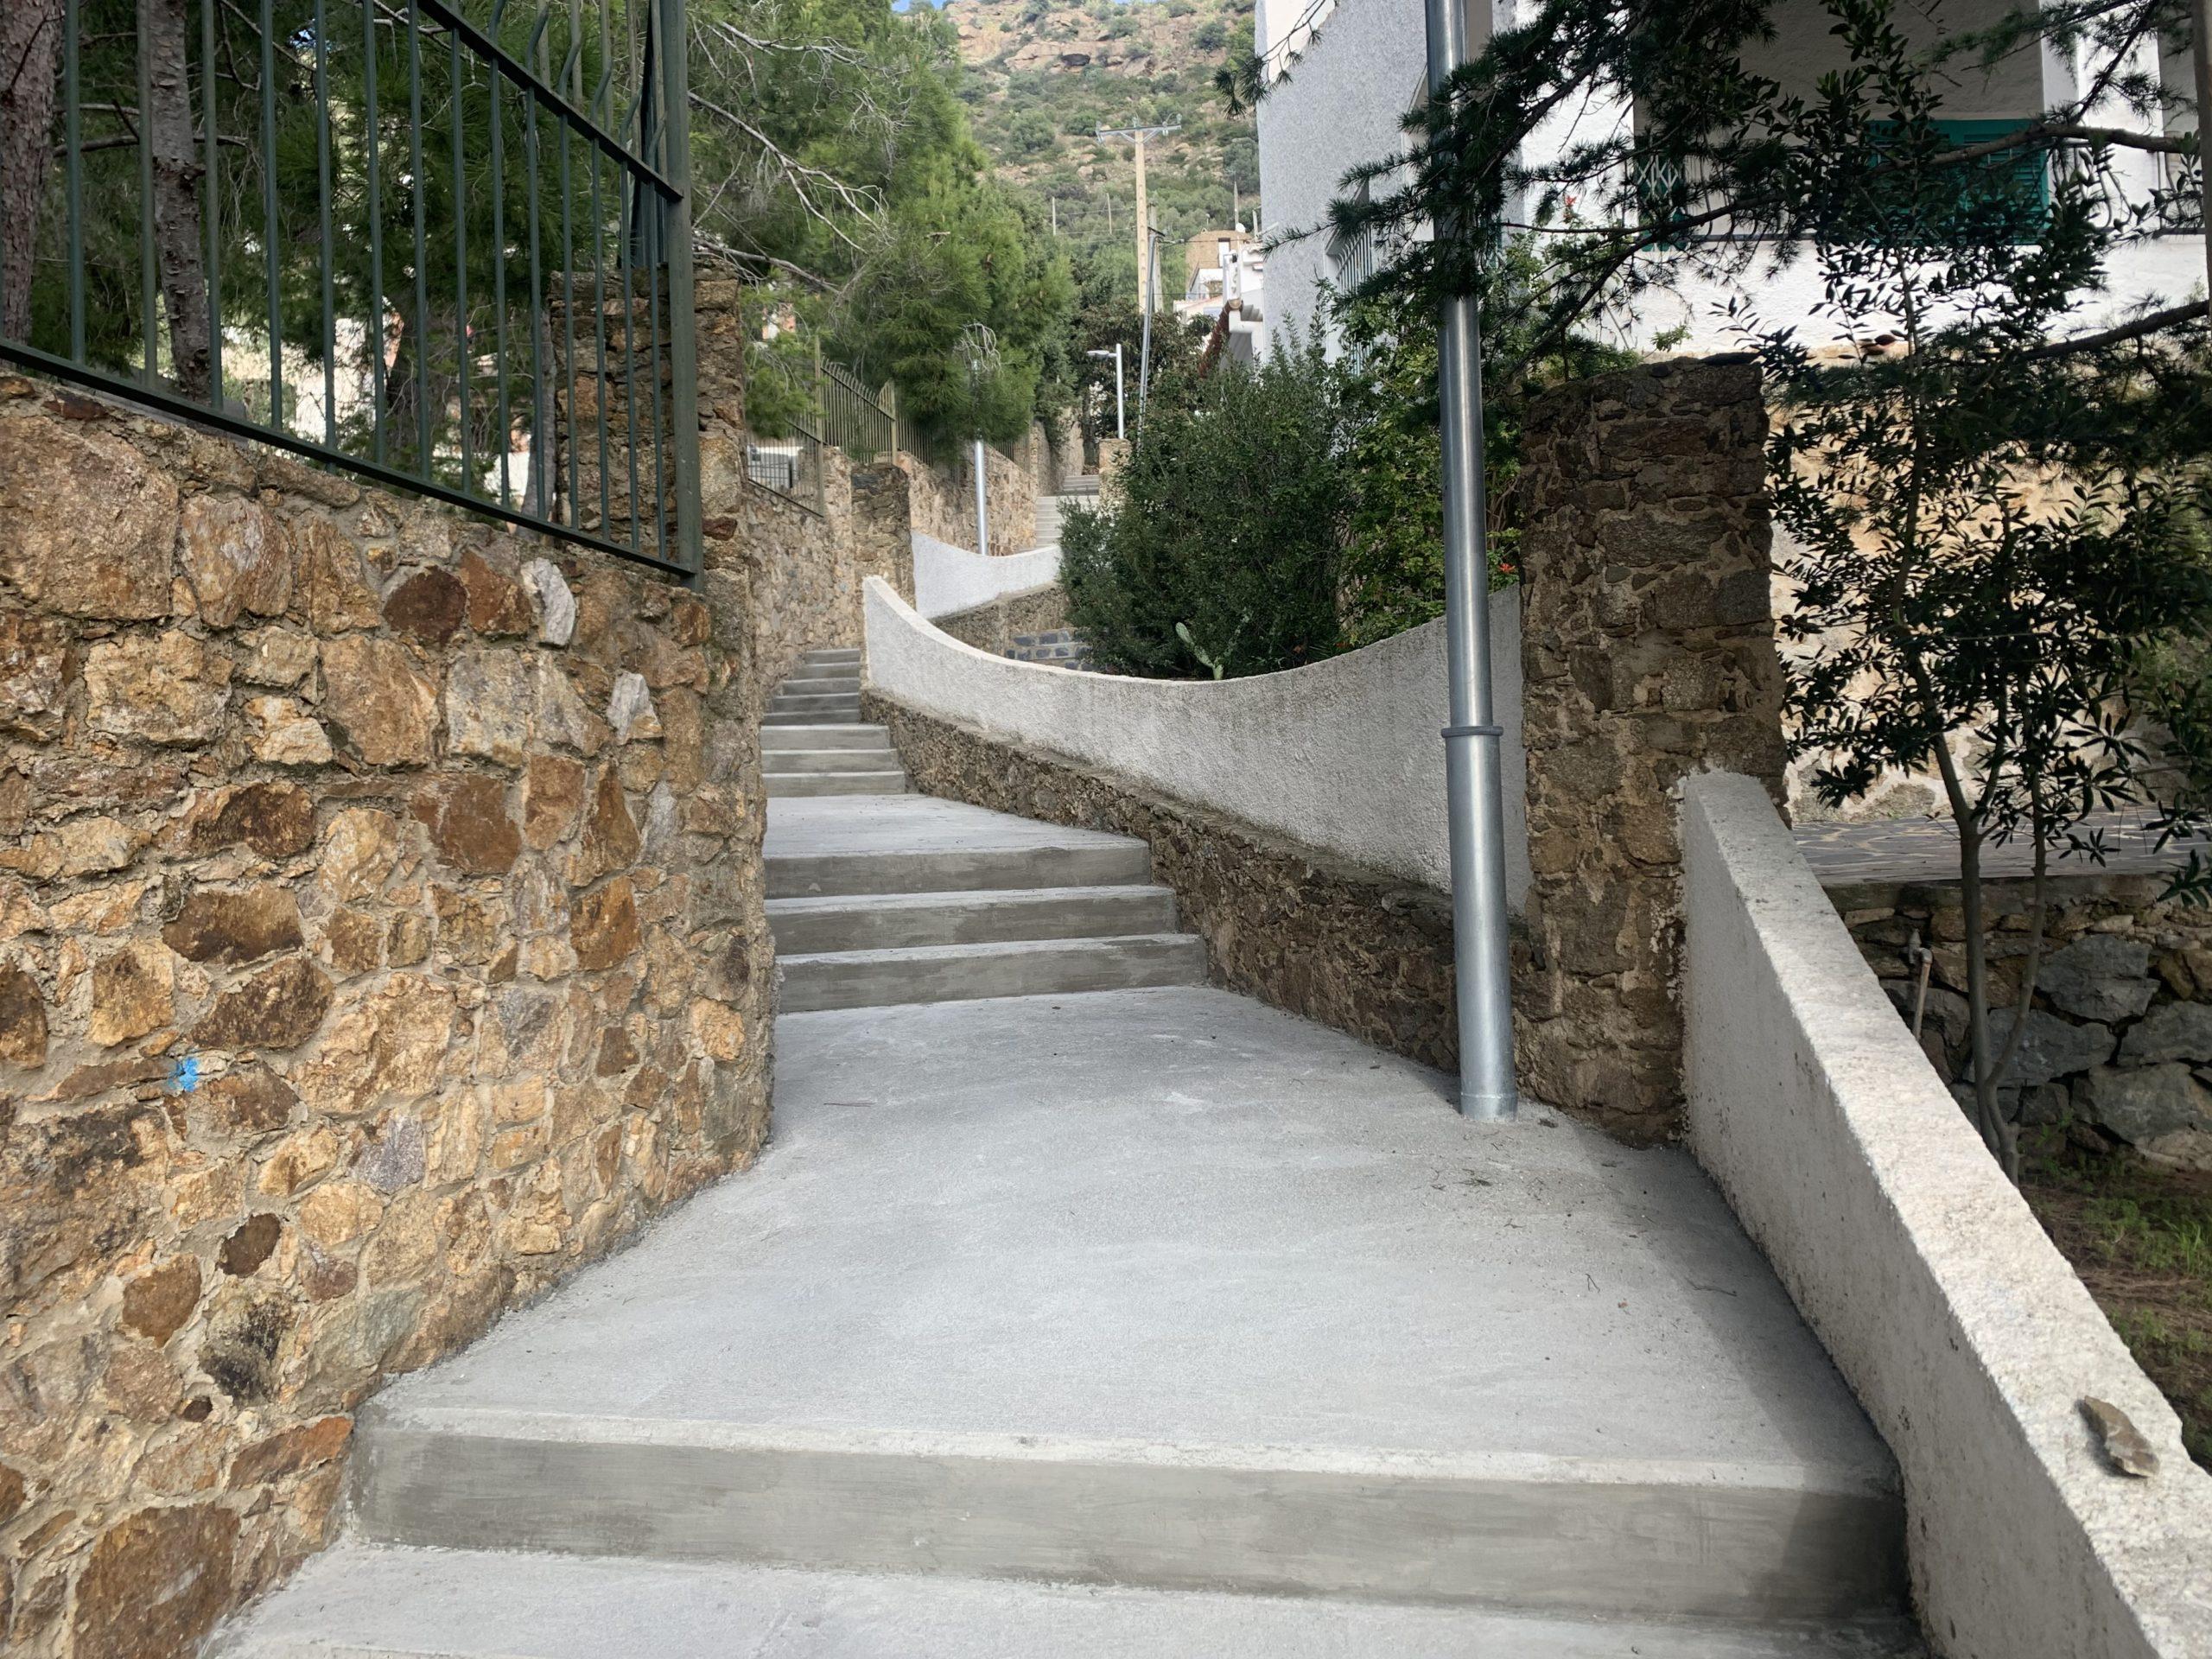 Finalitza l'arranjament entre els carrers del Greco i l'avinguda Santa Bàrbara